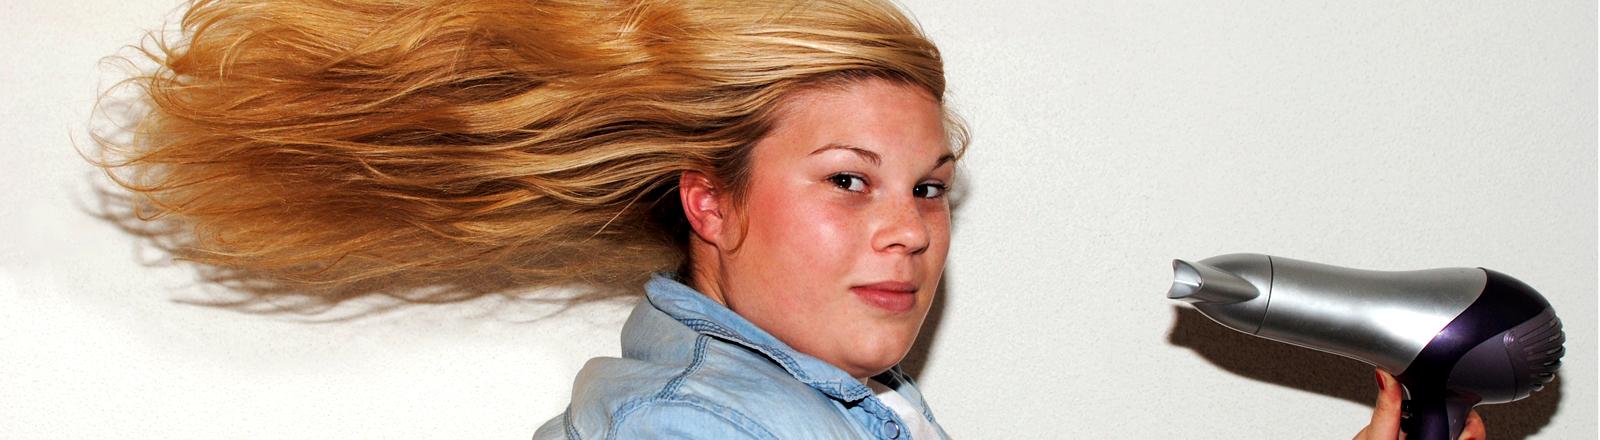 Eine Frau mit einem Fön in der Hand und wehenden Haaren.